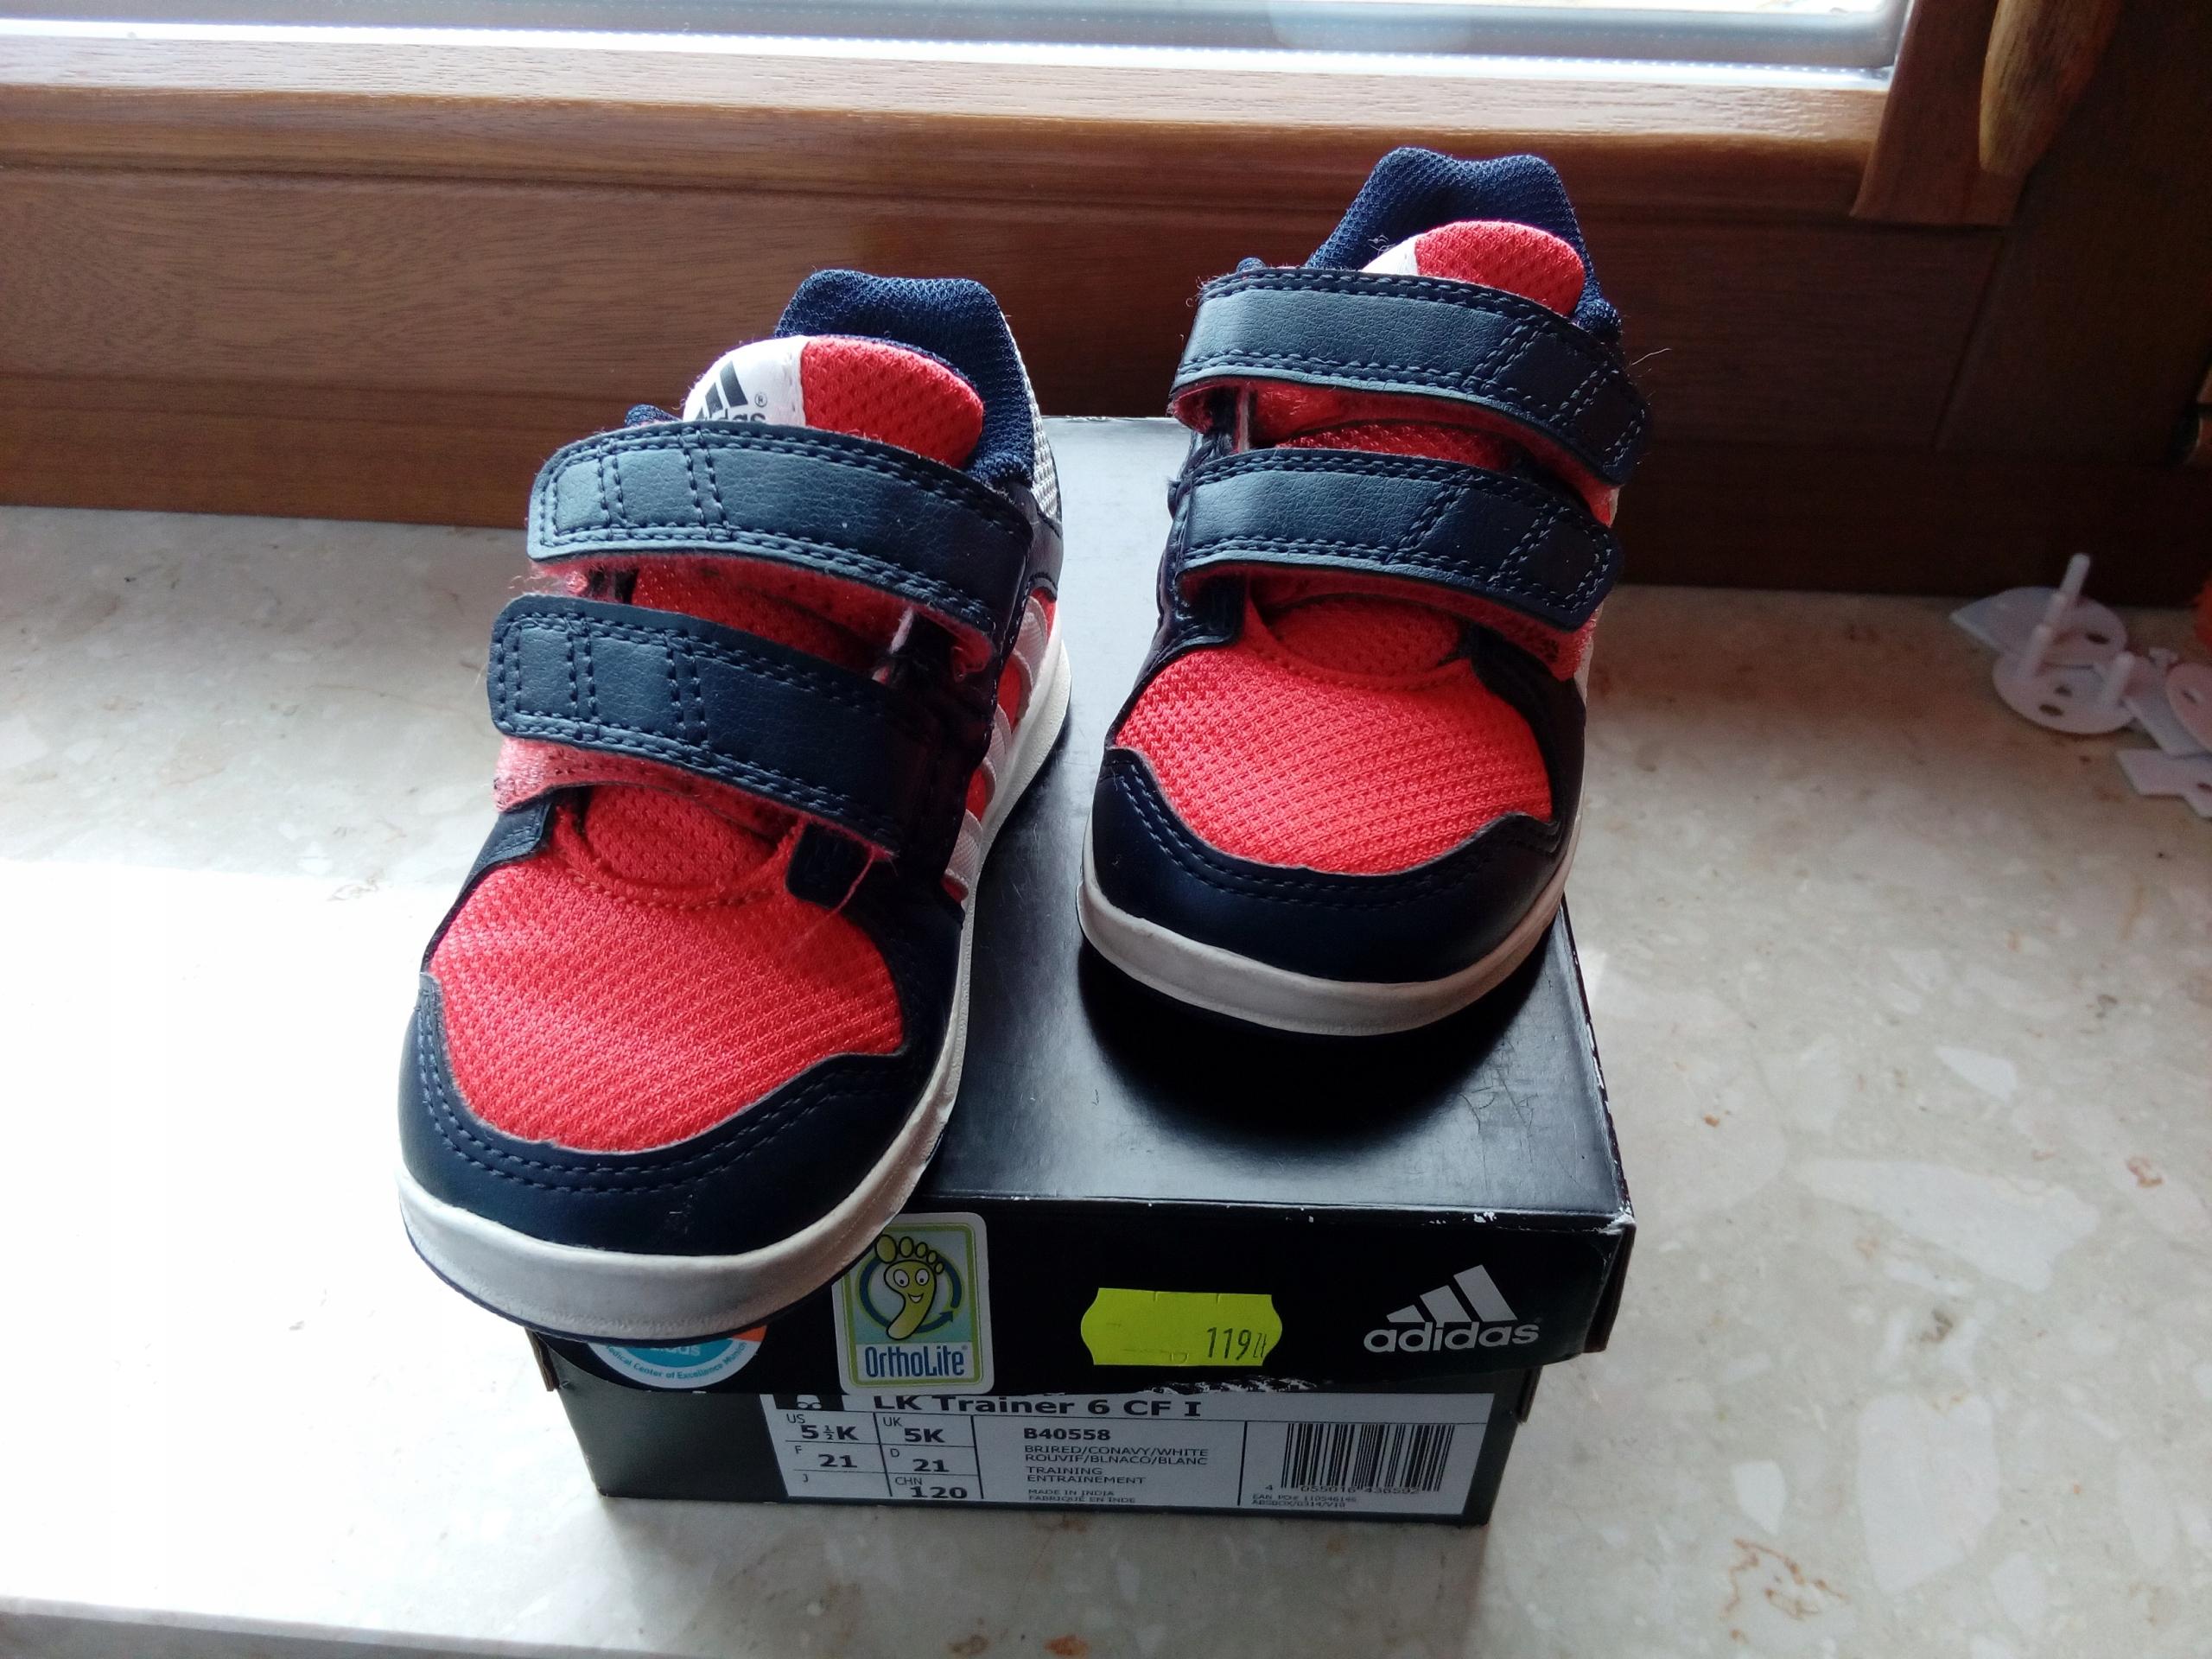 Buty sportowe adidaski ADIDAS r. 21 czerwone 7557961759